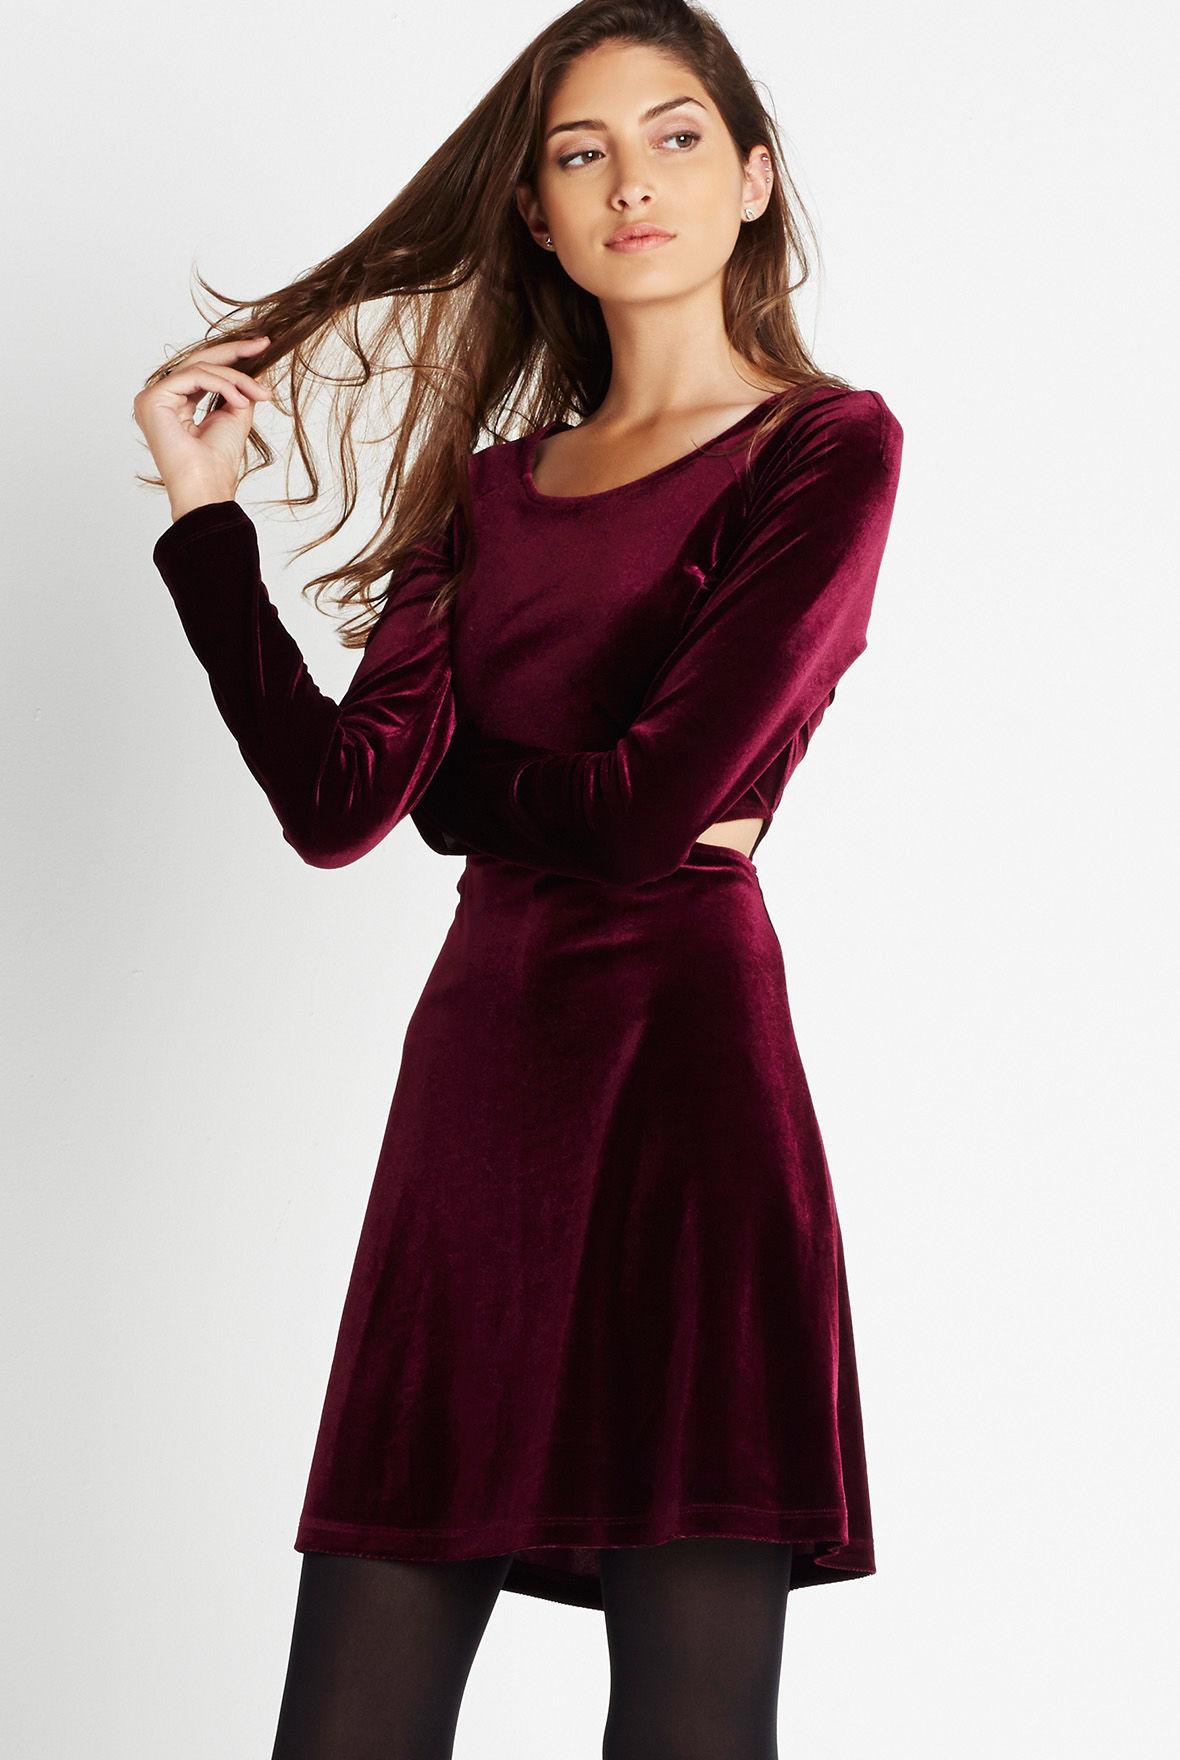 Yeni Sezon Kadife Kloş Elbise Modelleri